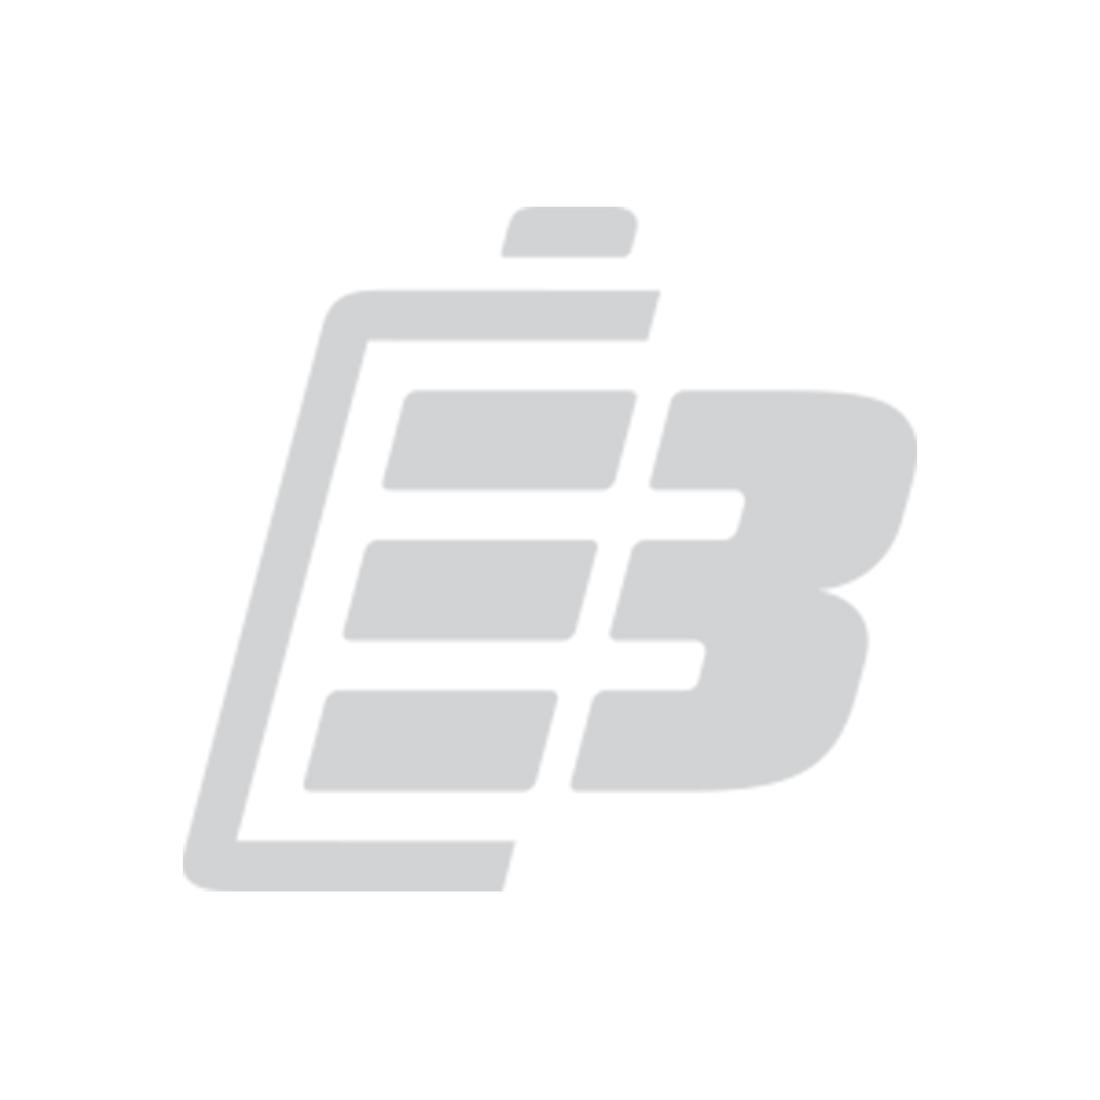 Laptop battery Sony VGP-VPS26_1